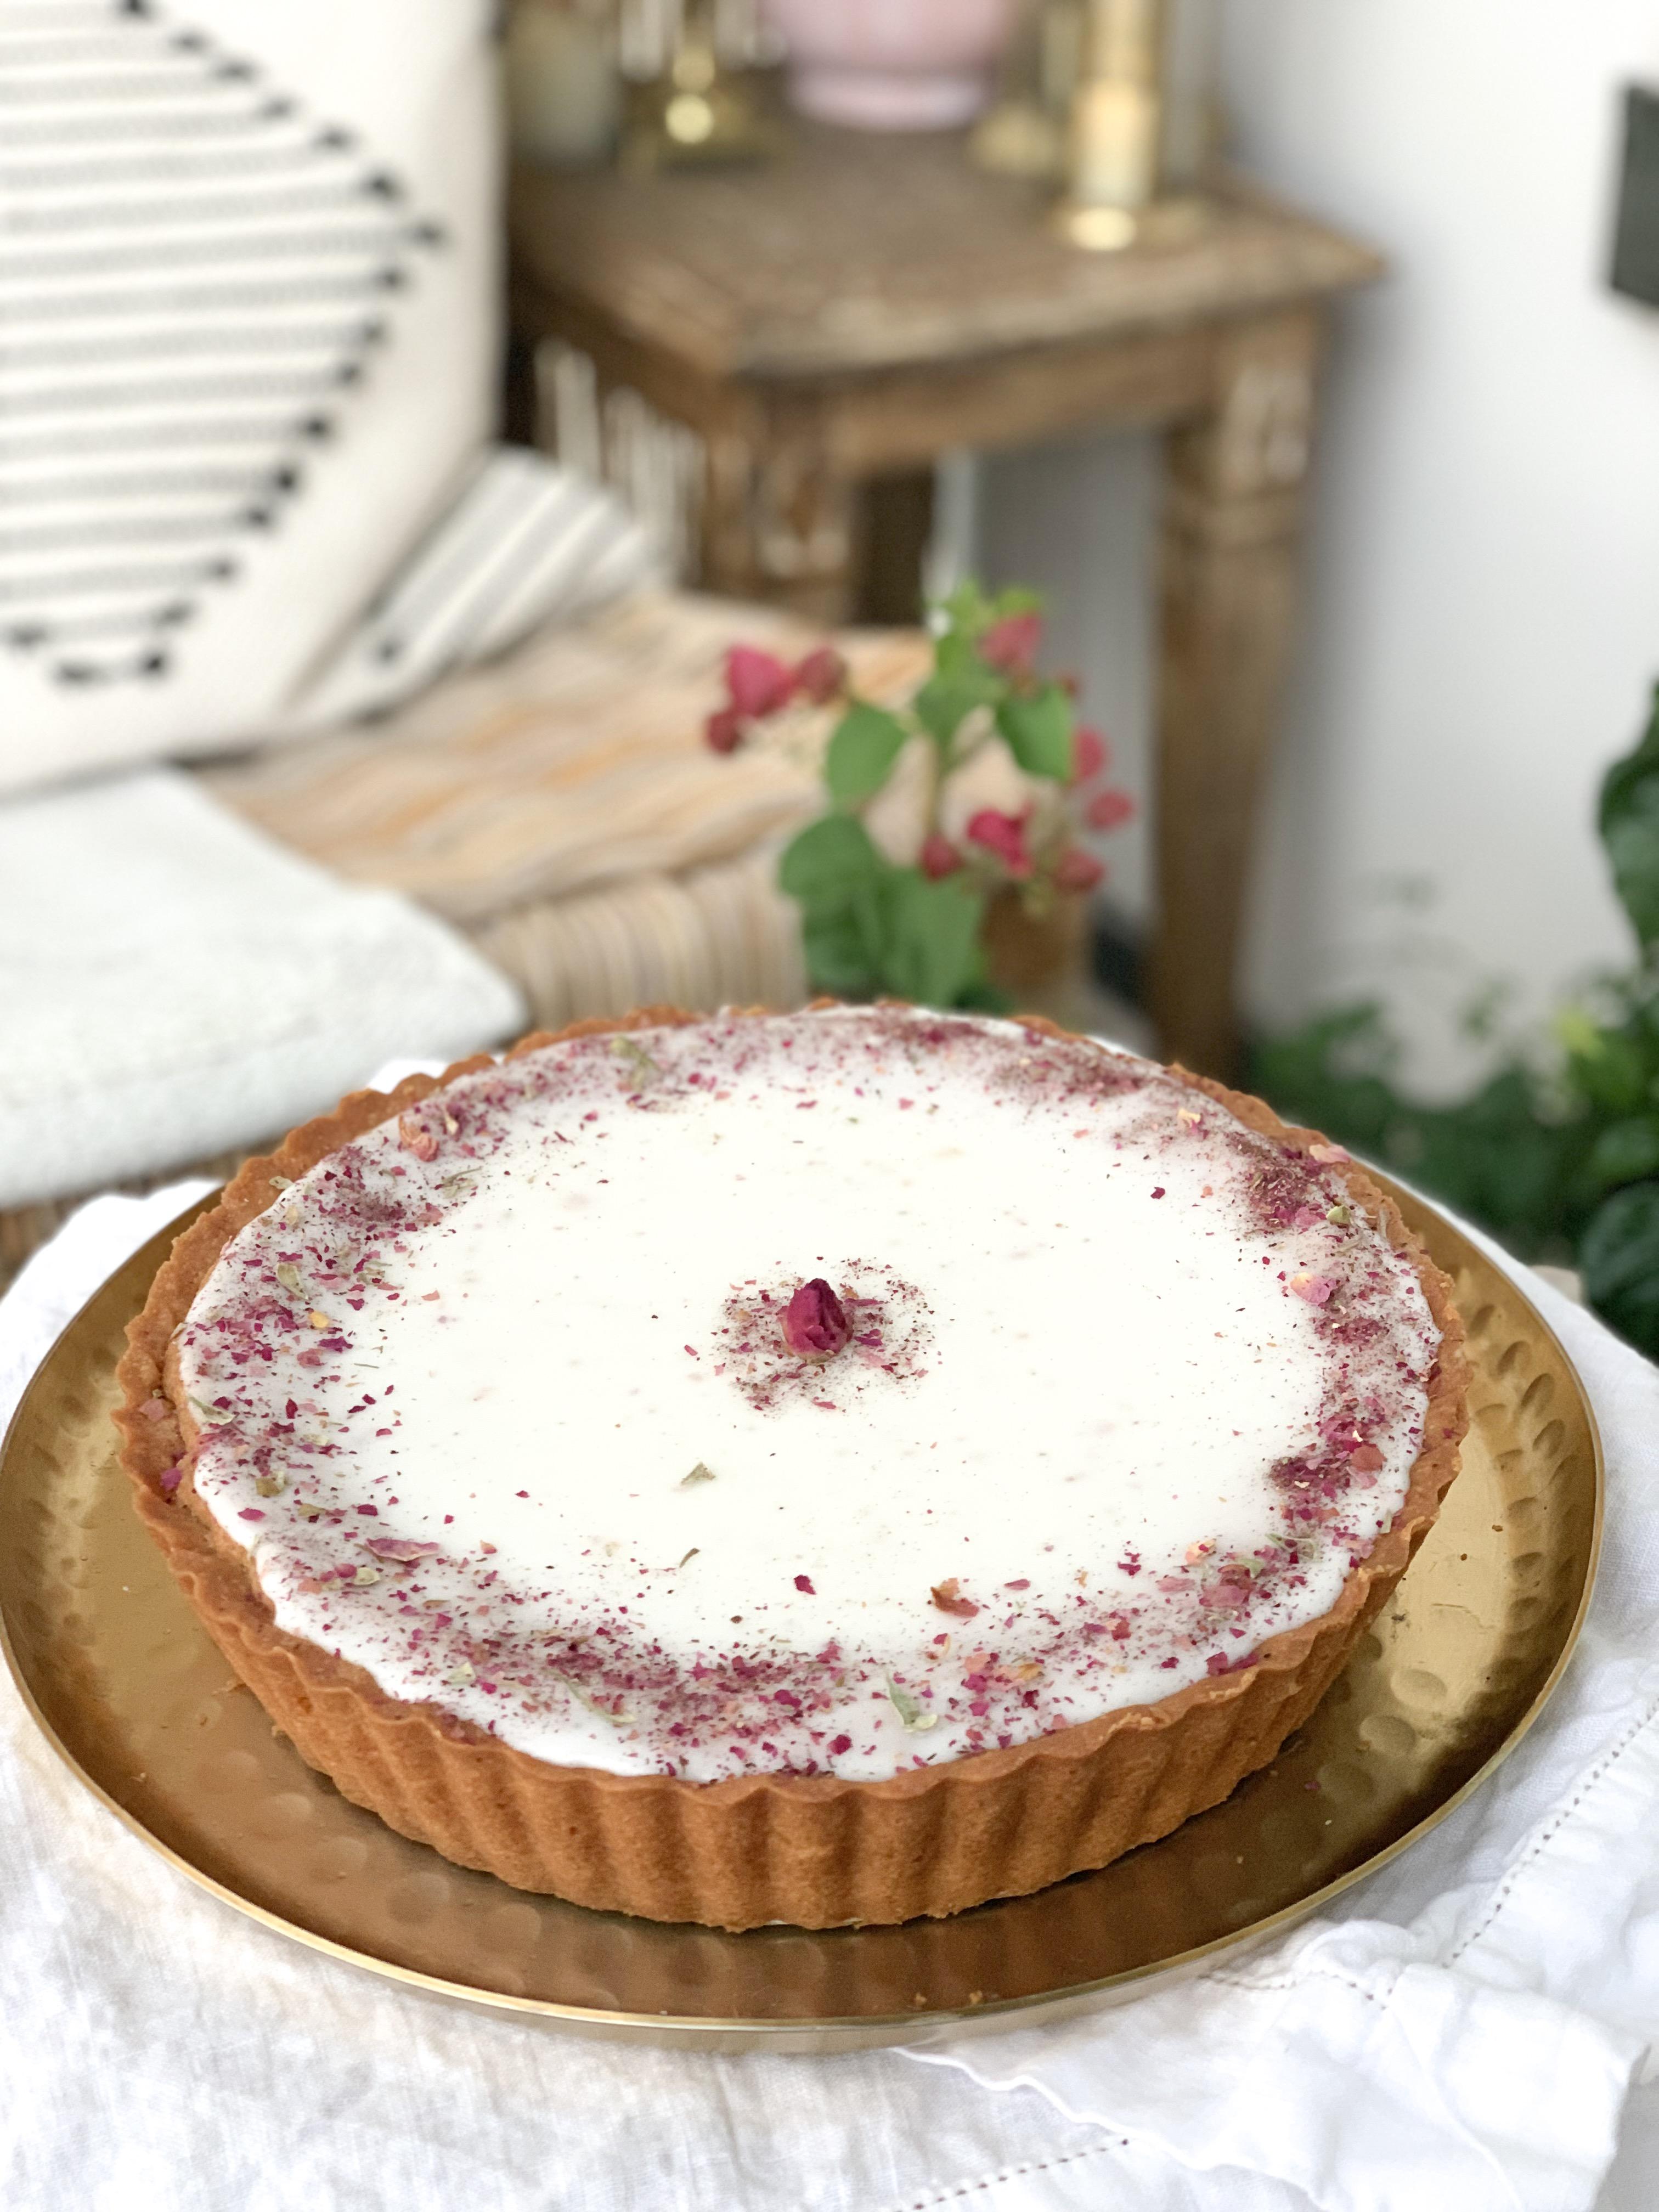 Strawberry Rose Bakewell Tart